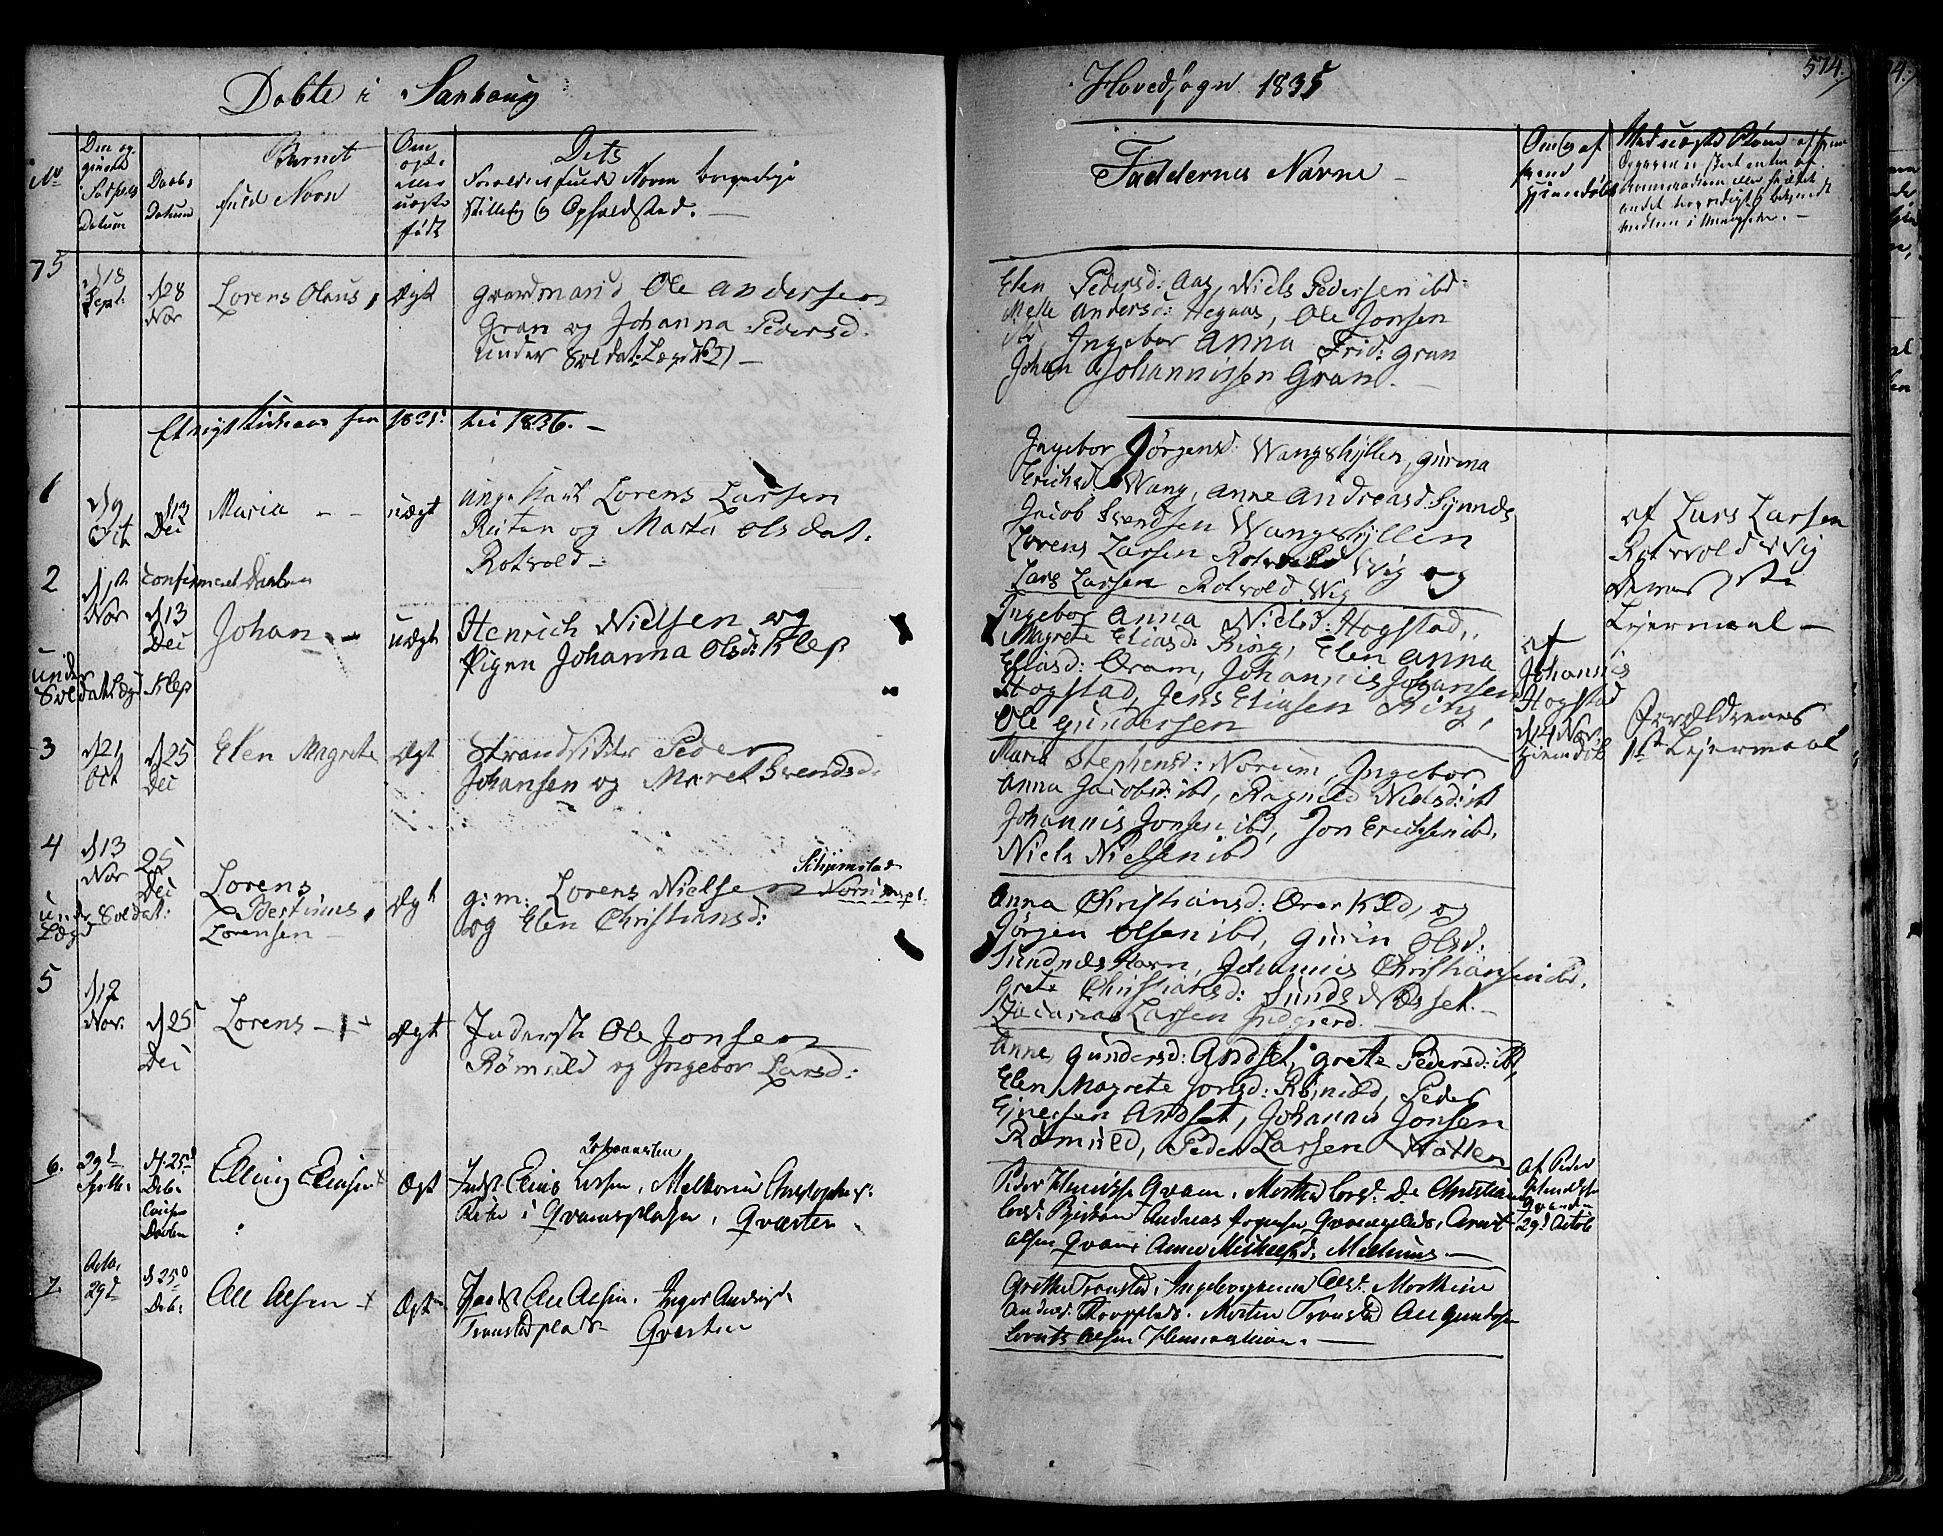 SAT, Ministerialprotokoller, klokkerbøker og fødselsregistre - Nord-Trøndelag, 730/L0277: Ministerialbok nr. 730A06 /1, 1830-1839, s. 574